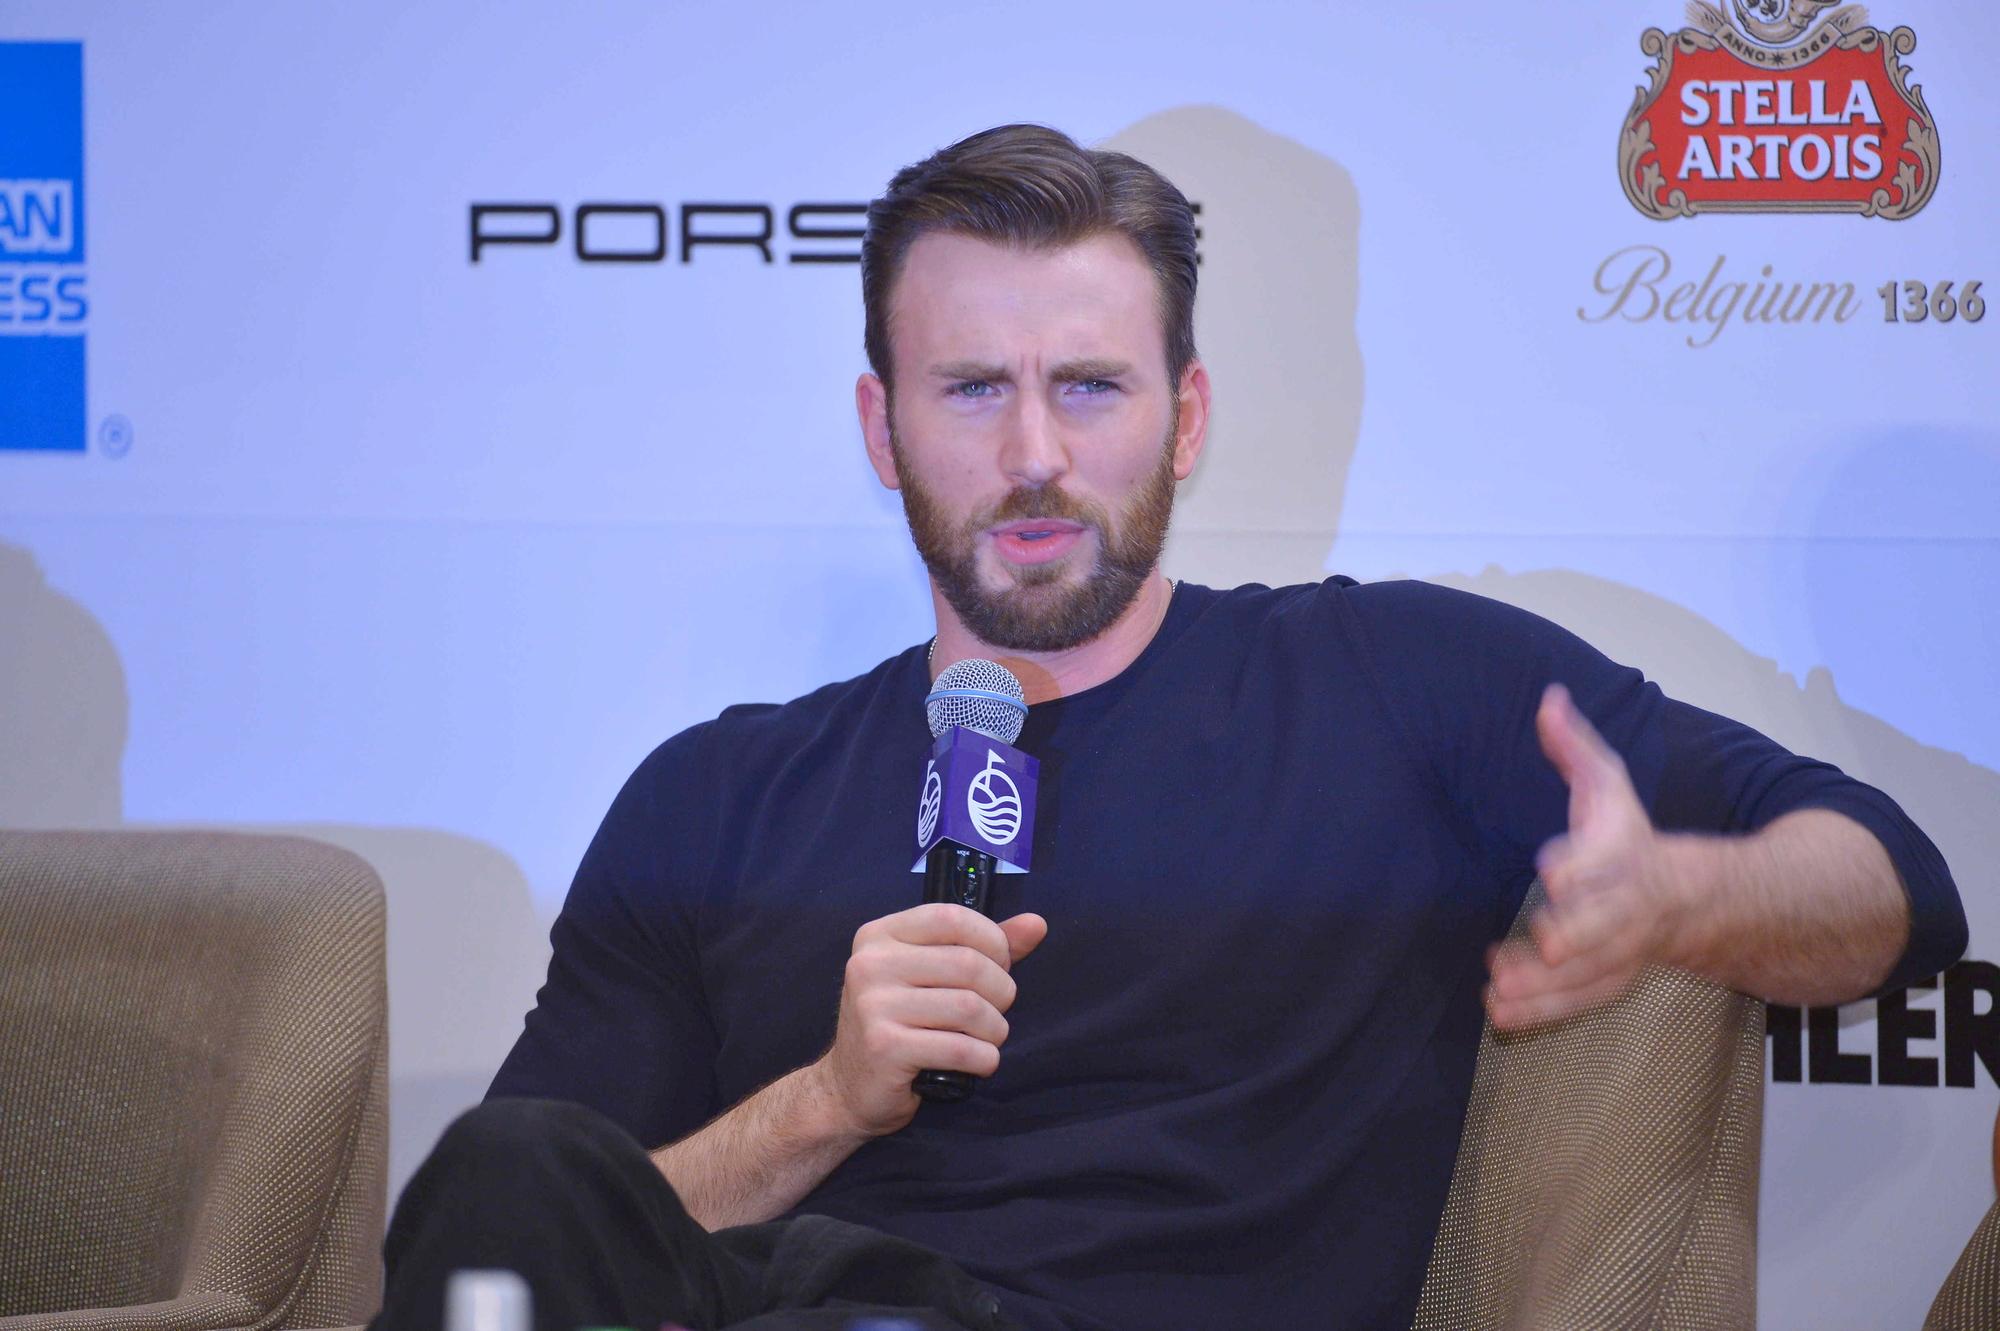 Крис Эванс рассказал, какого Мстителя он хотел бы сыграть, кроме Капитана Америки